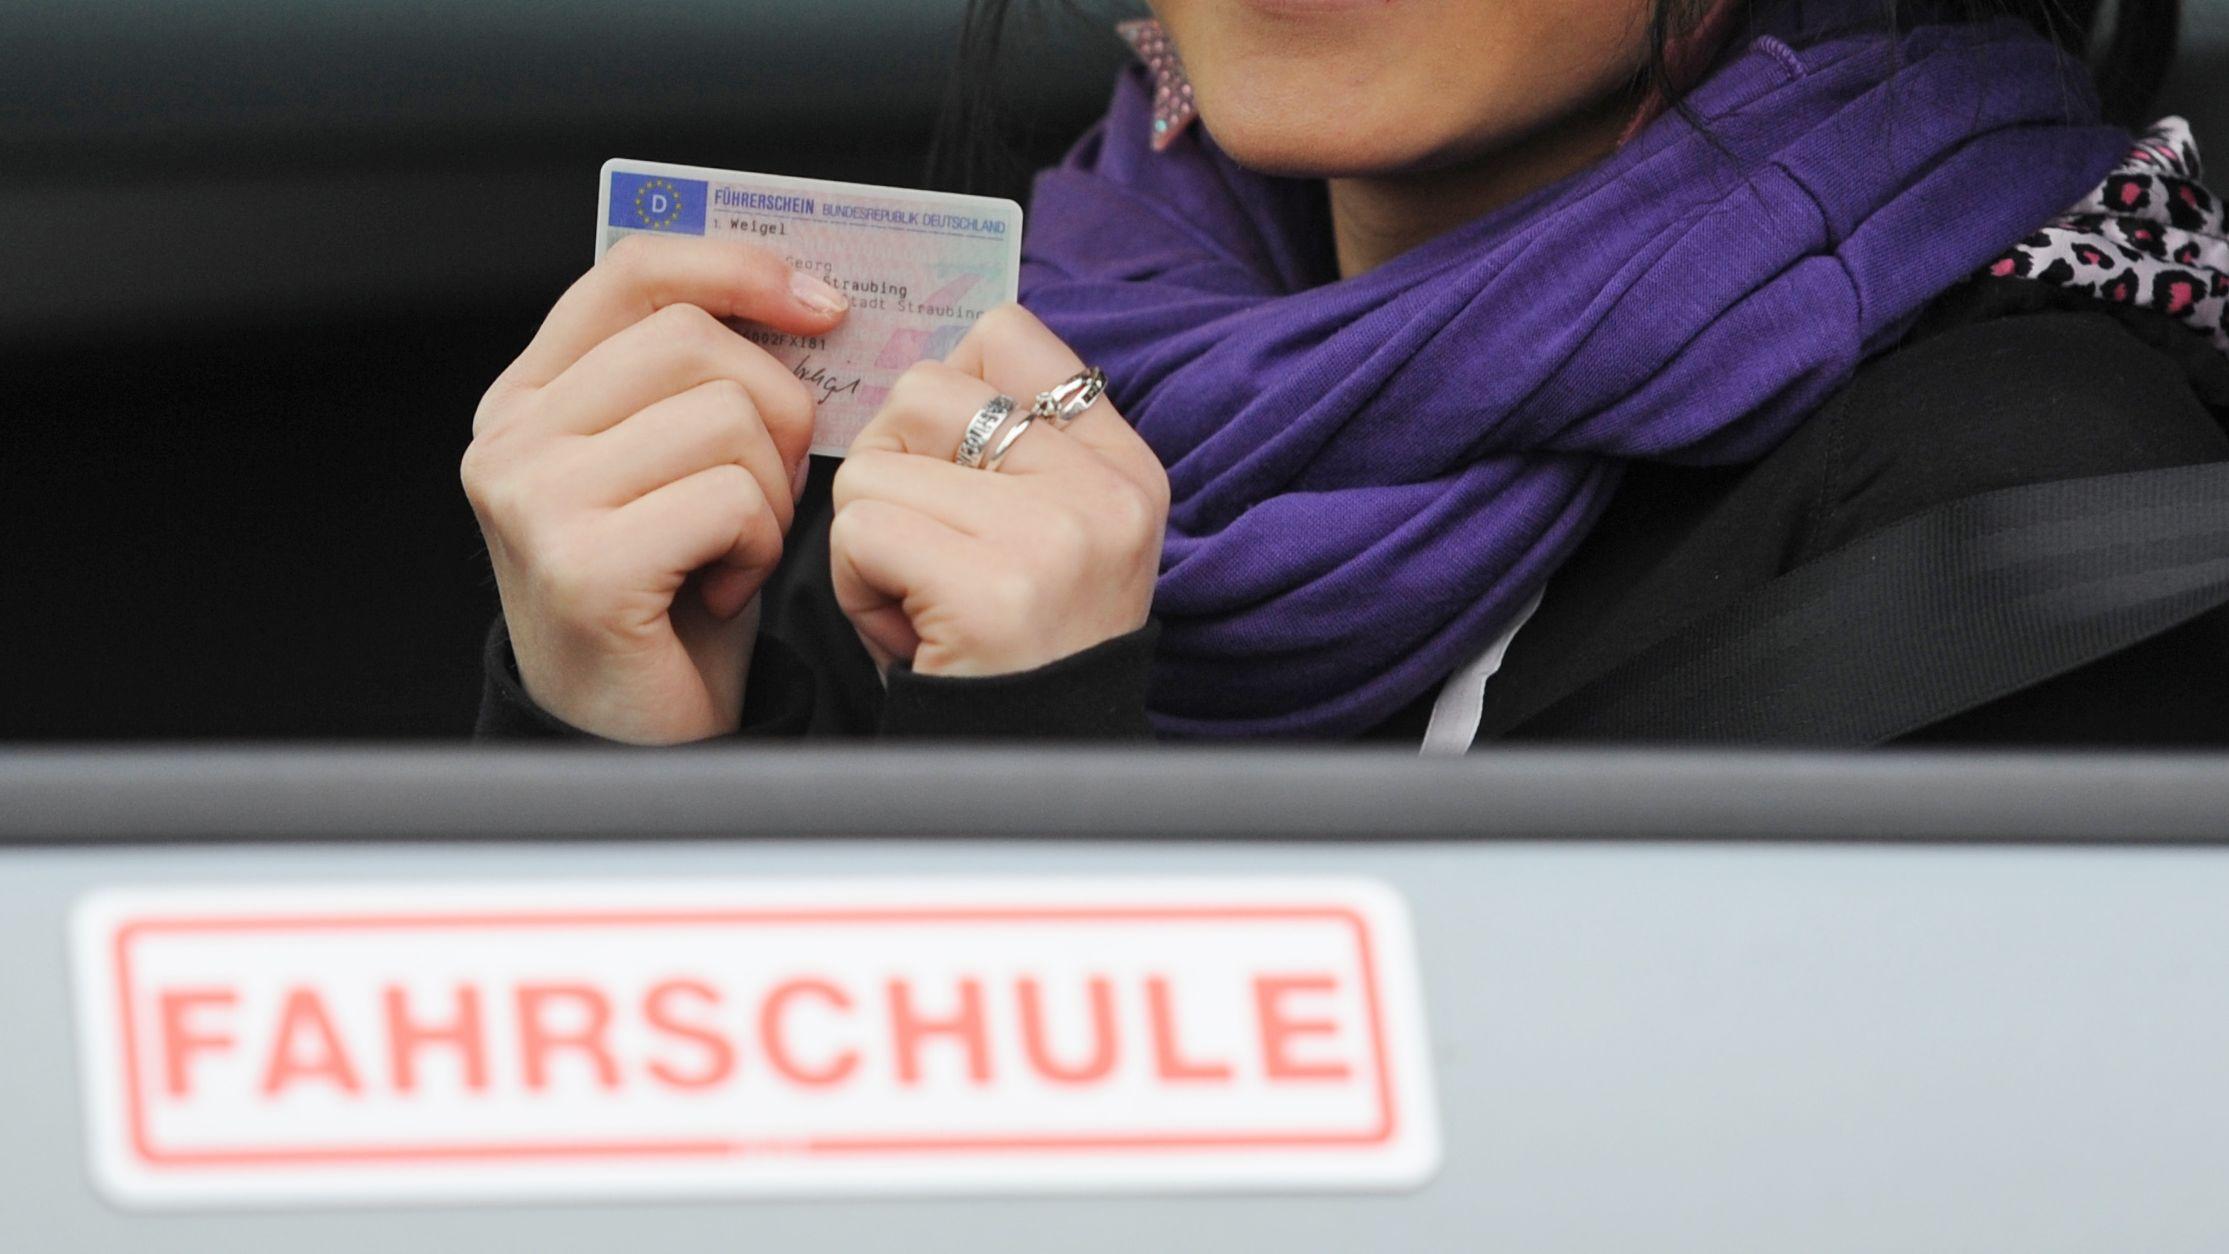 Eine junge Frau sitzt in einem Fahrschulauto und hält den Führerschein in den Händen